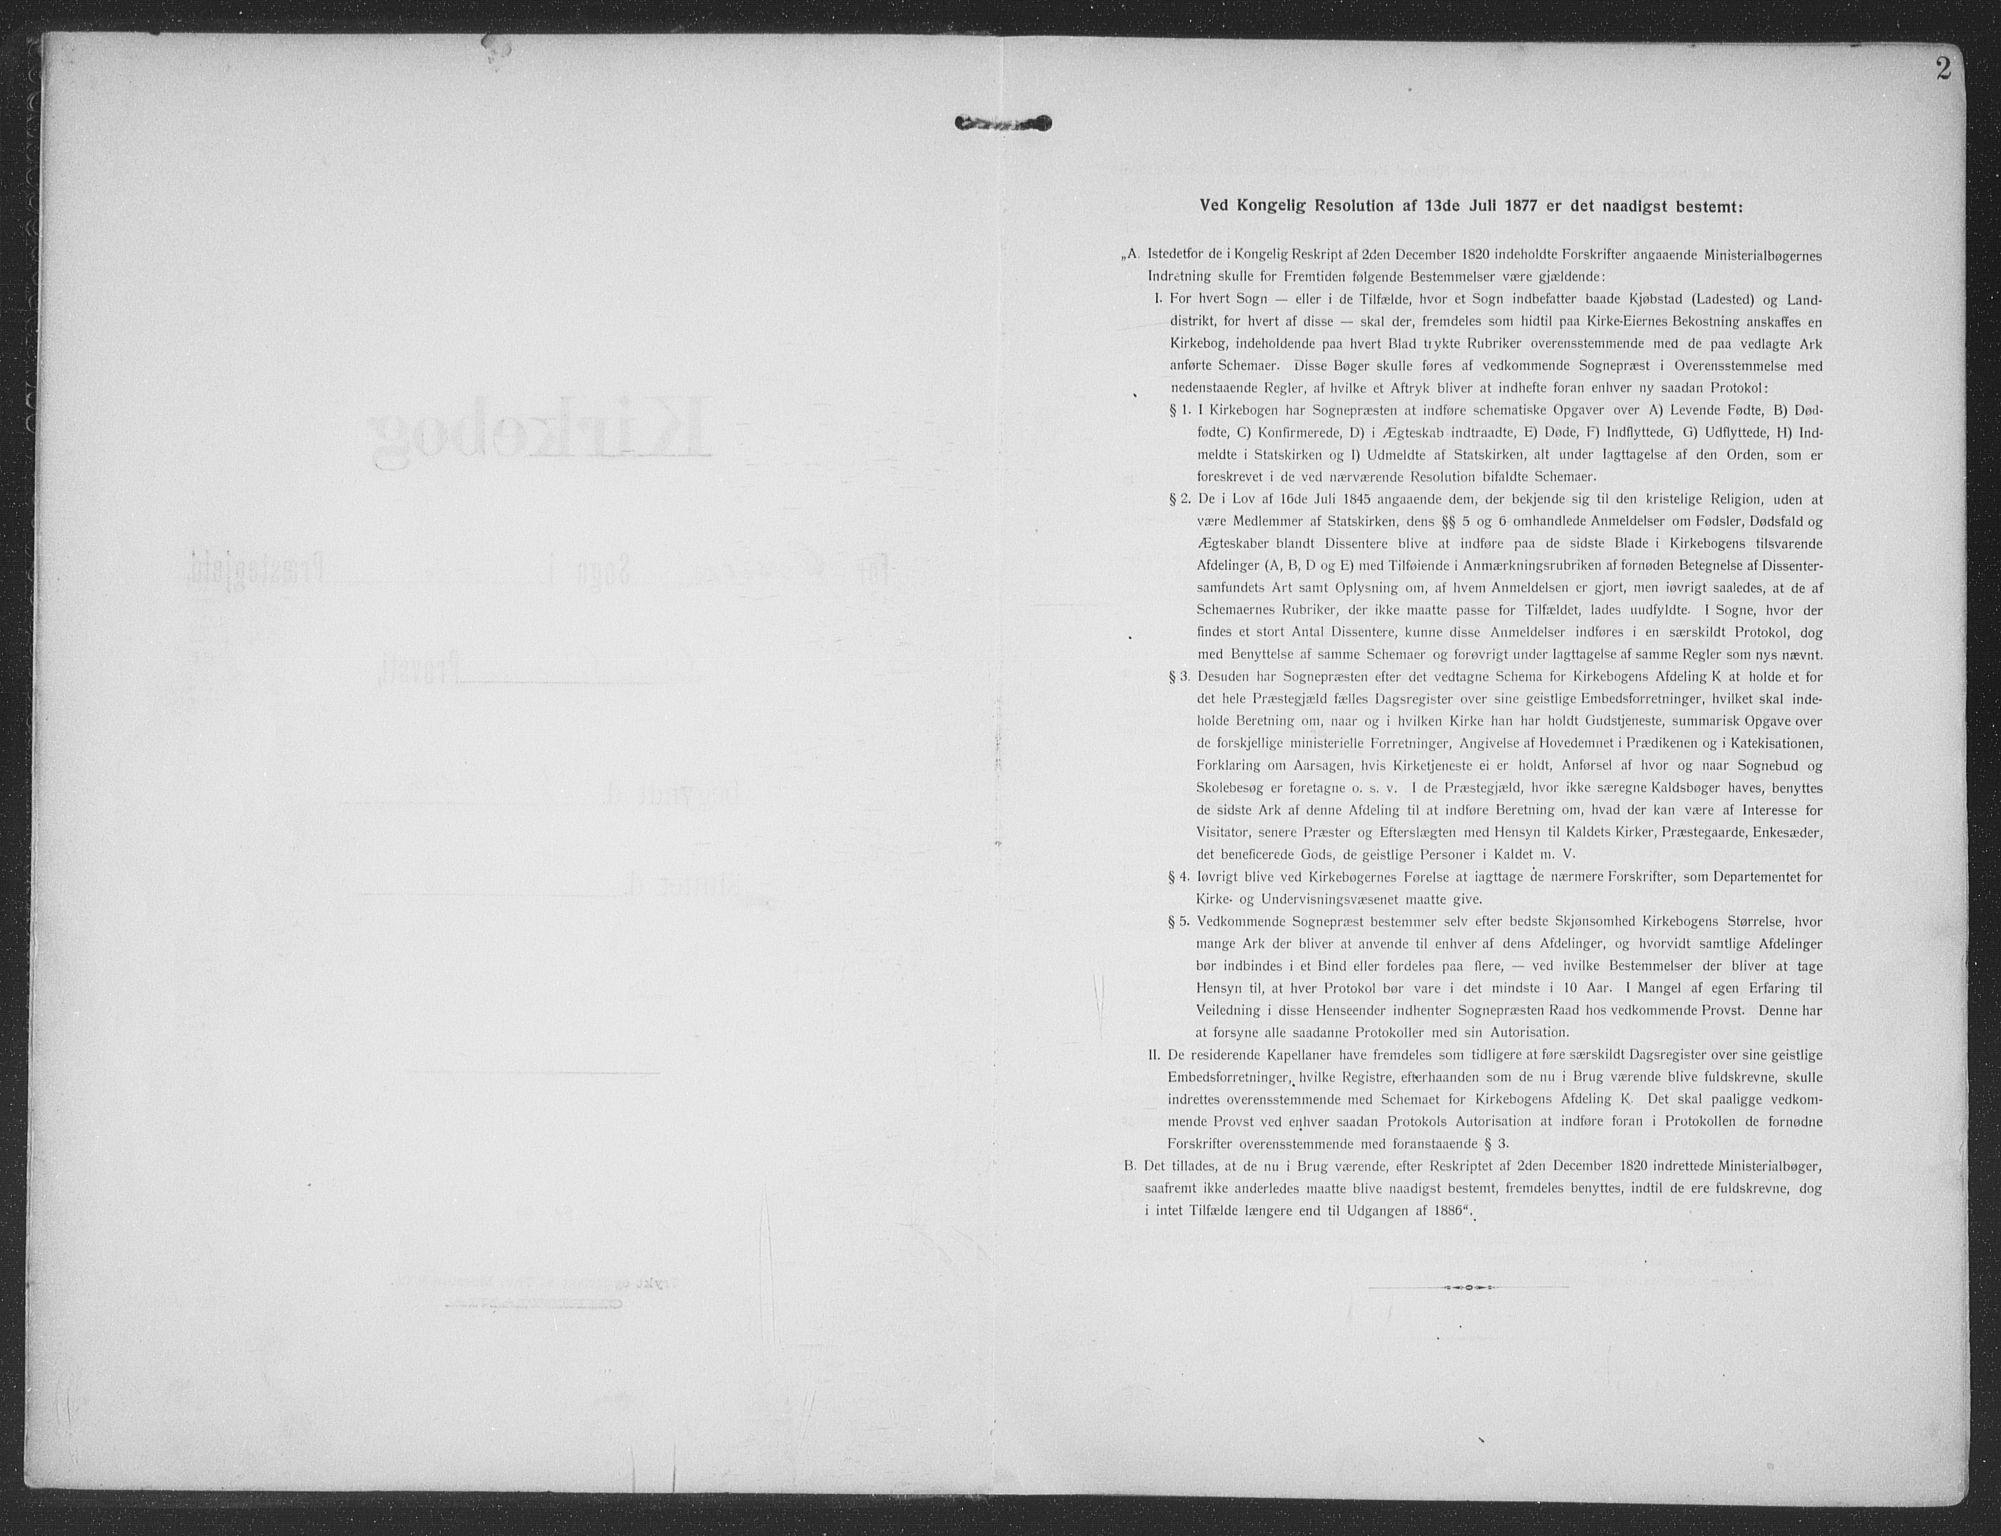 SAT, Ministerialprotokoller, klokkerbøker og fødselsregistre - Møre og Romsdal, 513/L0178: Ministerialbok nr. 513A05, 1906-1919, s. 2